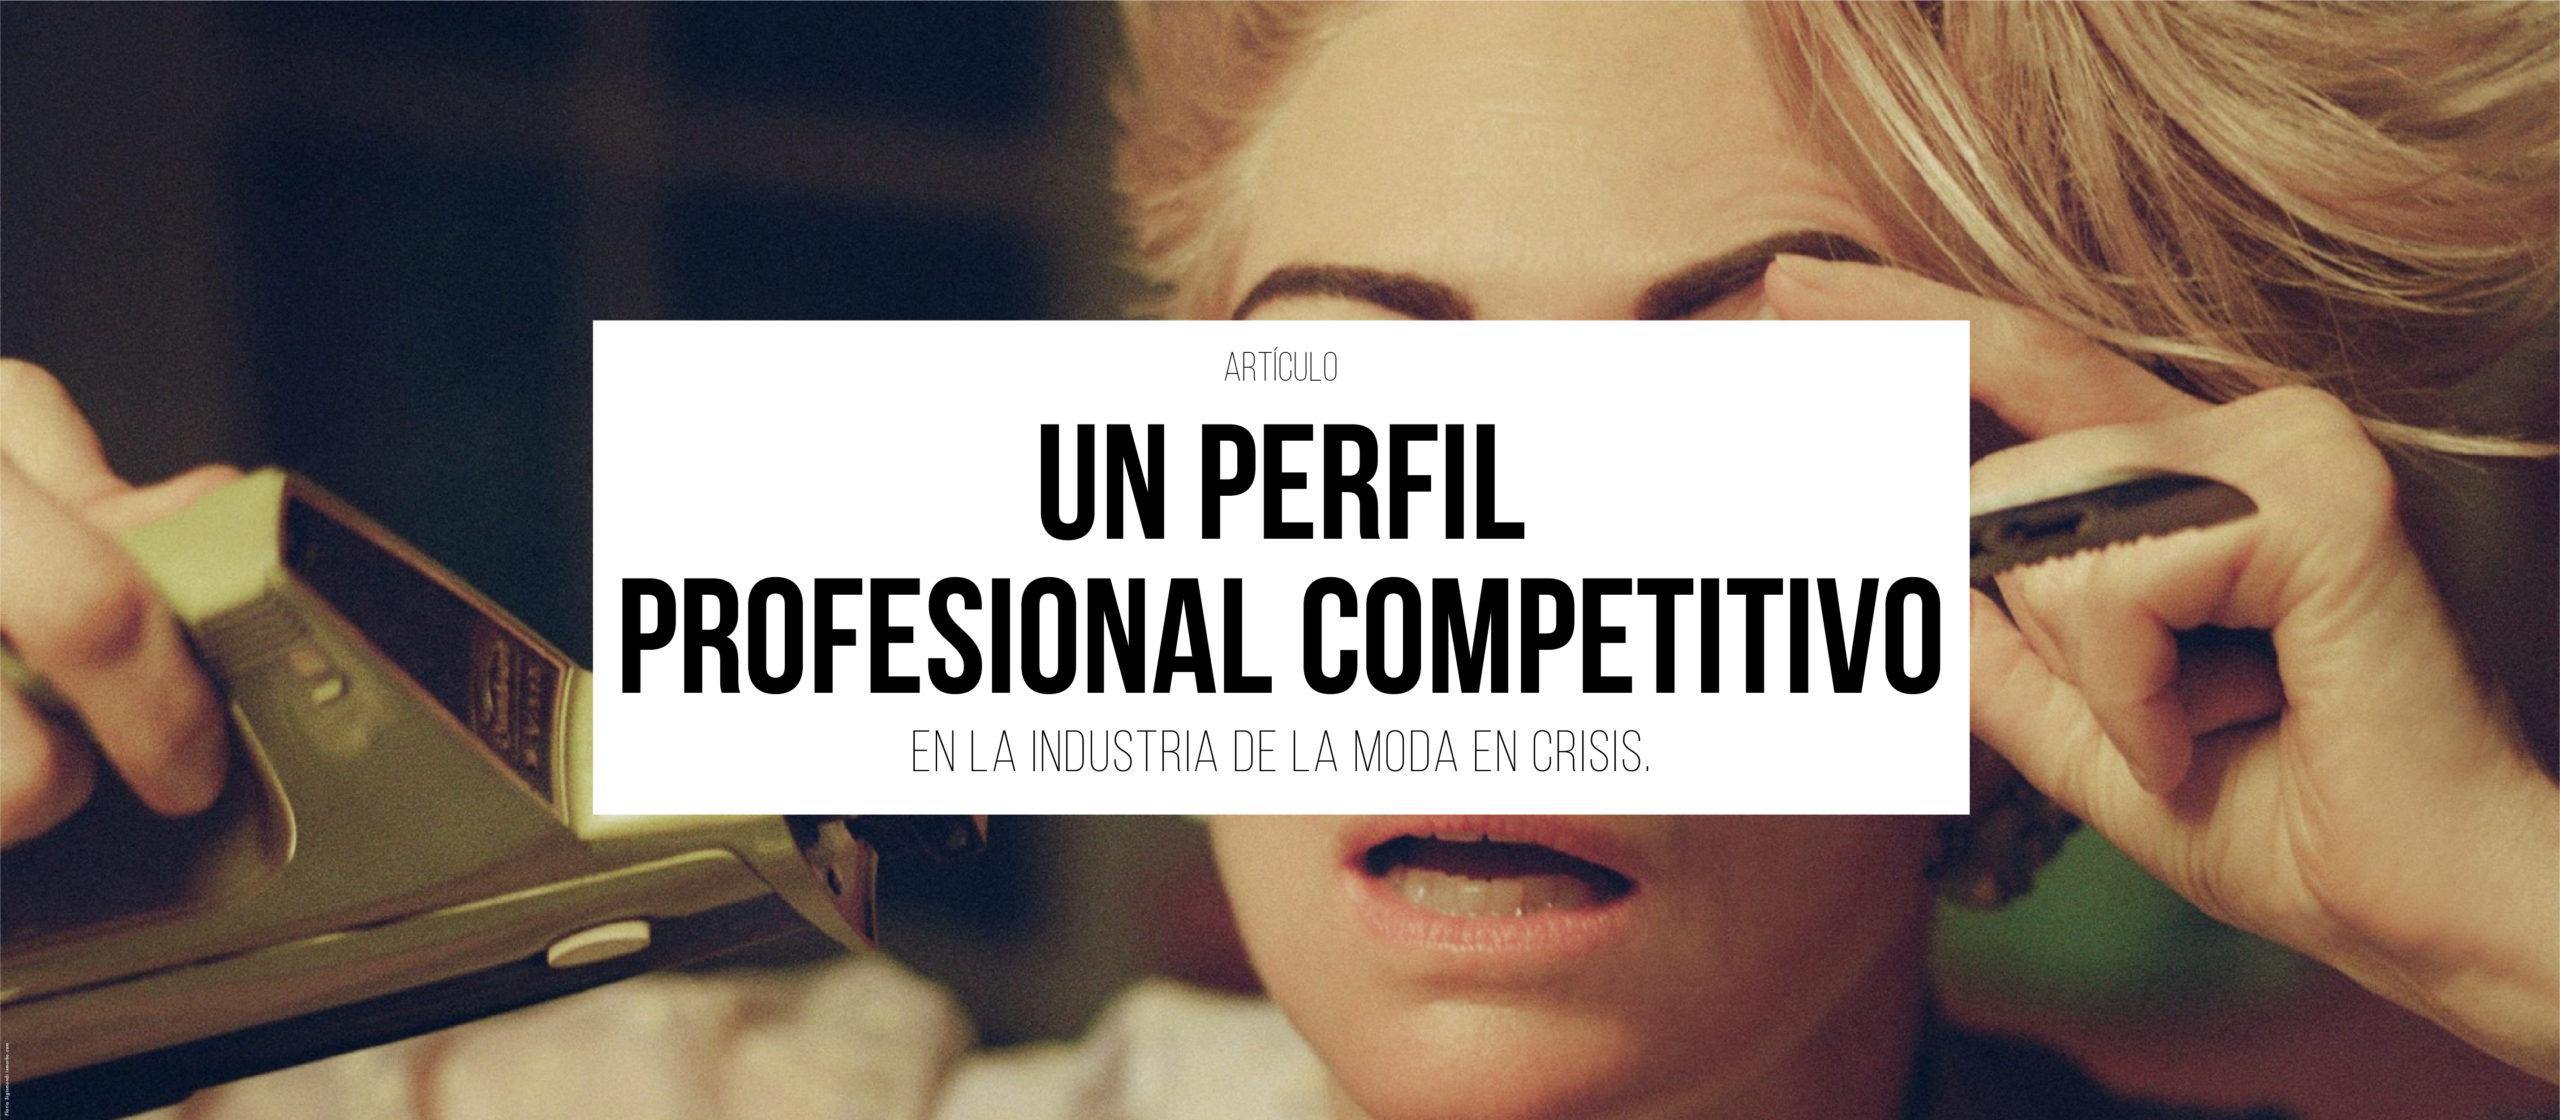 Un perfil profesional competitivo en la industria de la moda en crisis.